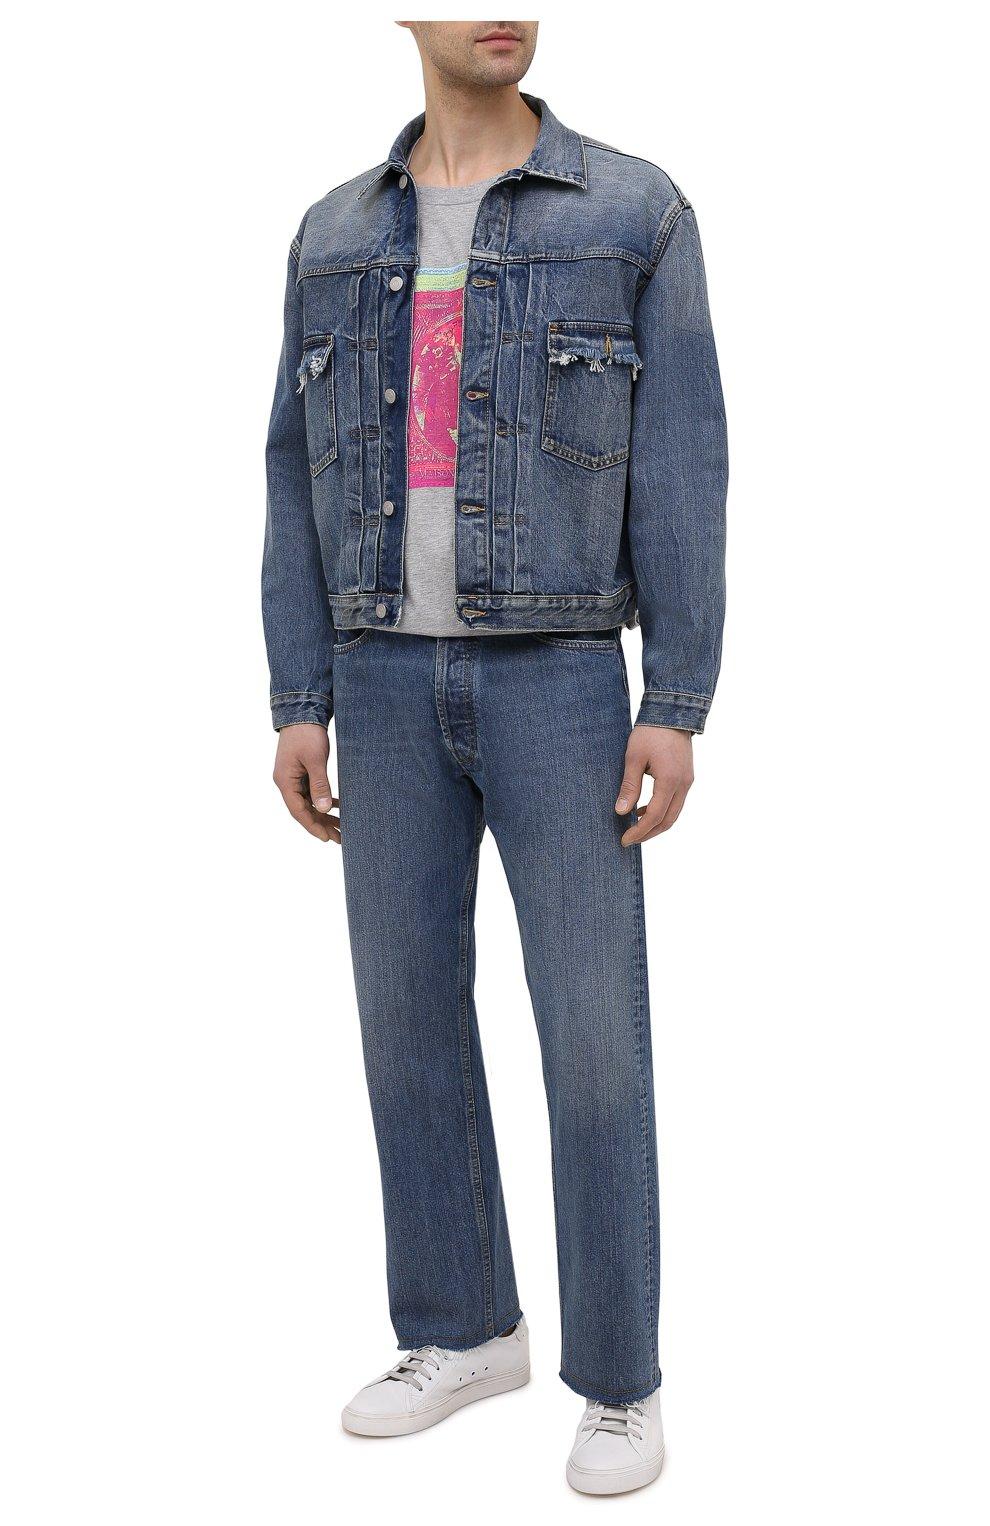 Мужская джинсовая куртка MAISON MARGIELA синего цвета, арт. S50AM0501/S30736   Фото 2 (Кросс-КТ: Куртка, Деним; Рукава: Длинные; Стили: Гранж; Материал внешний: Хлопок; Длина (верхняя одежда): Короткие)